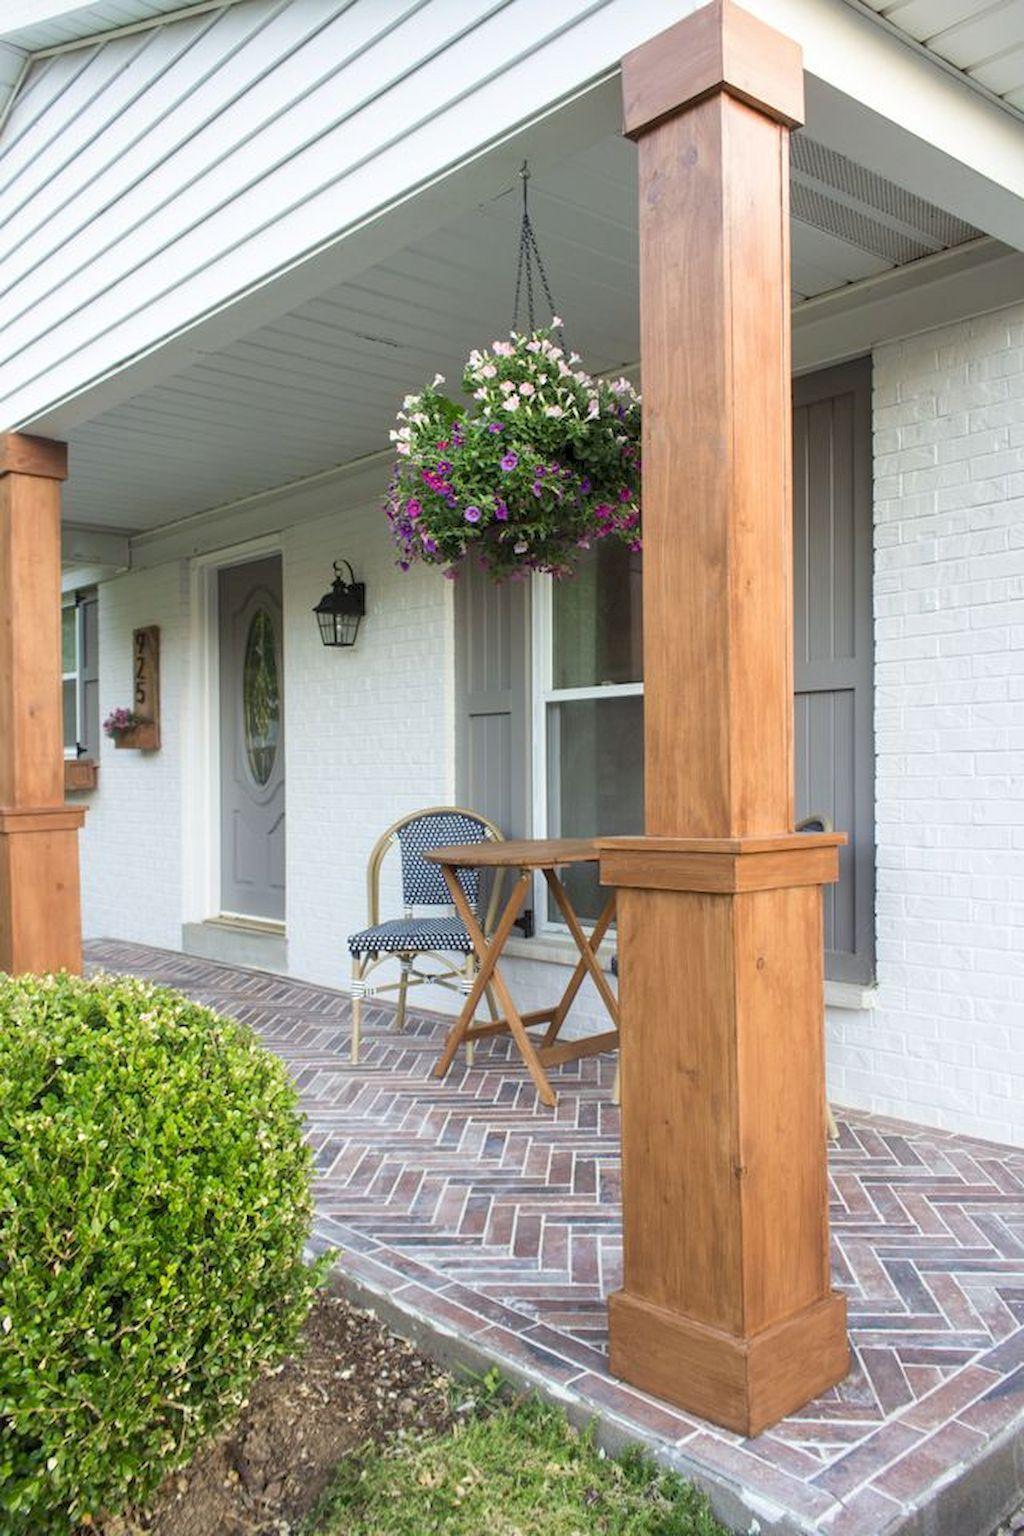 Diy Farmhouse Porch Decor Ideas 51 Outdoor